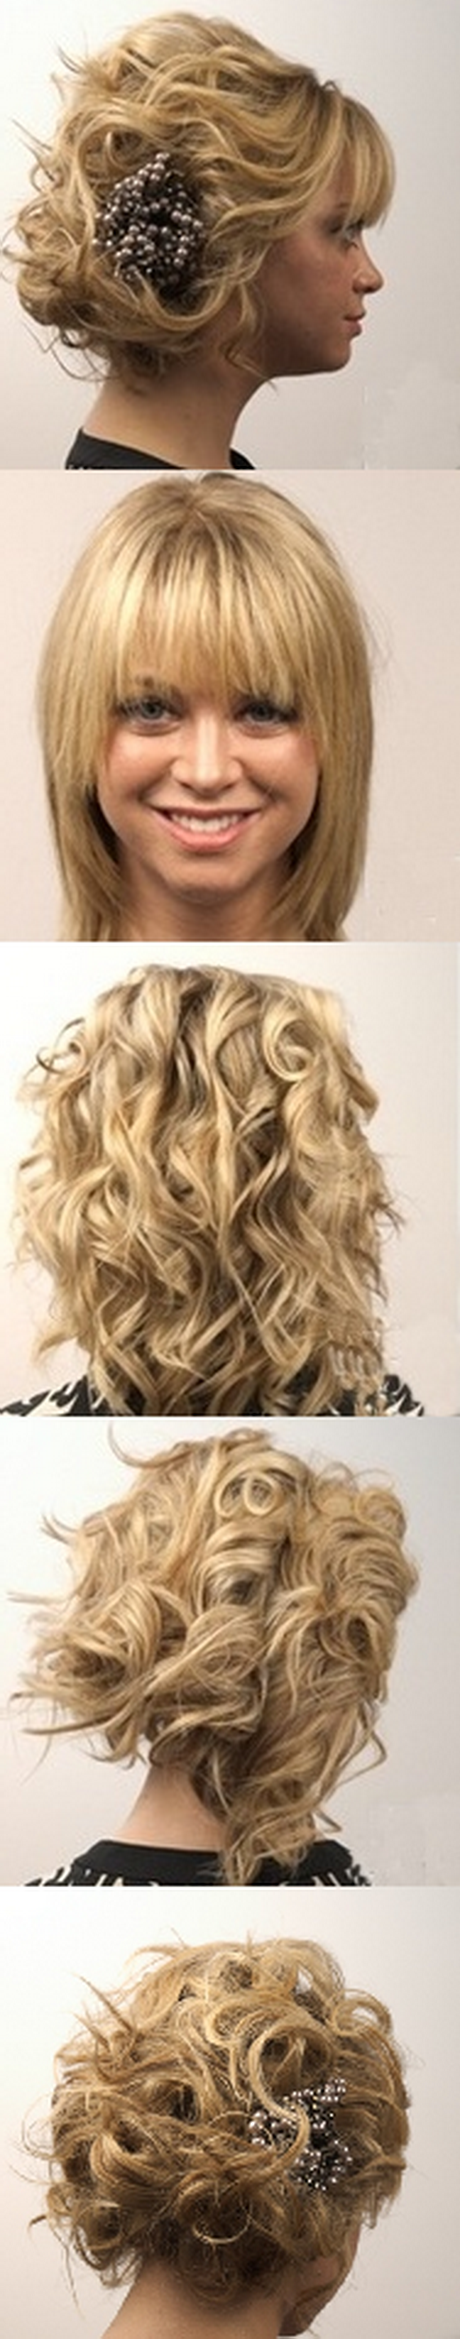 Fotos de peinados semi cortos 72